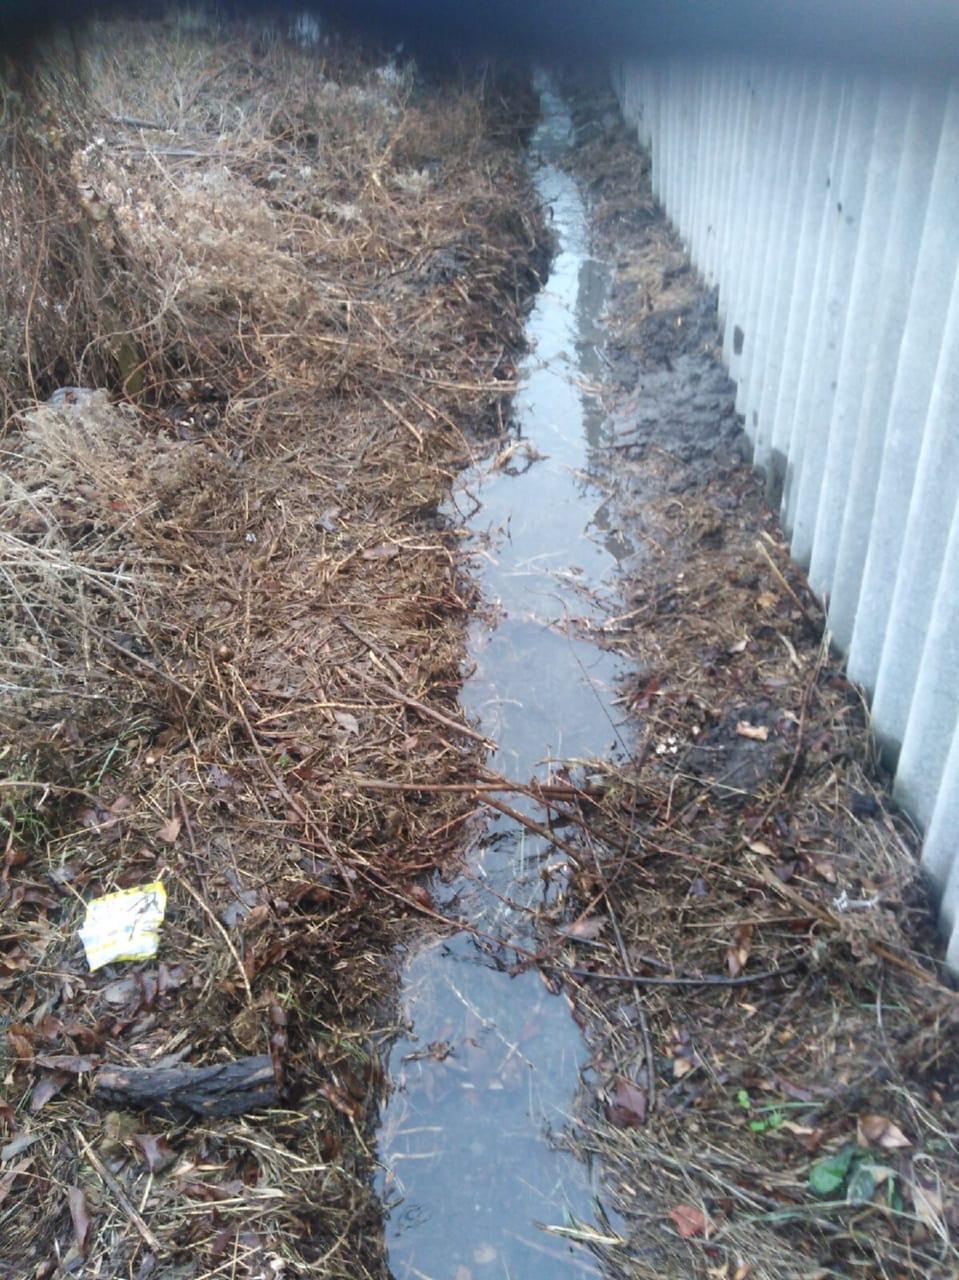 Интересно сколько ещё искусственных водоёмов в городе?